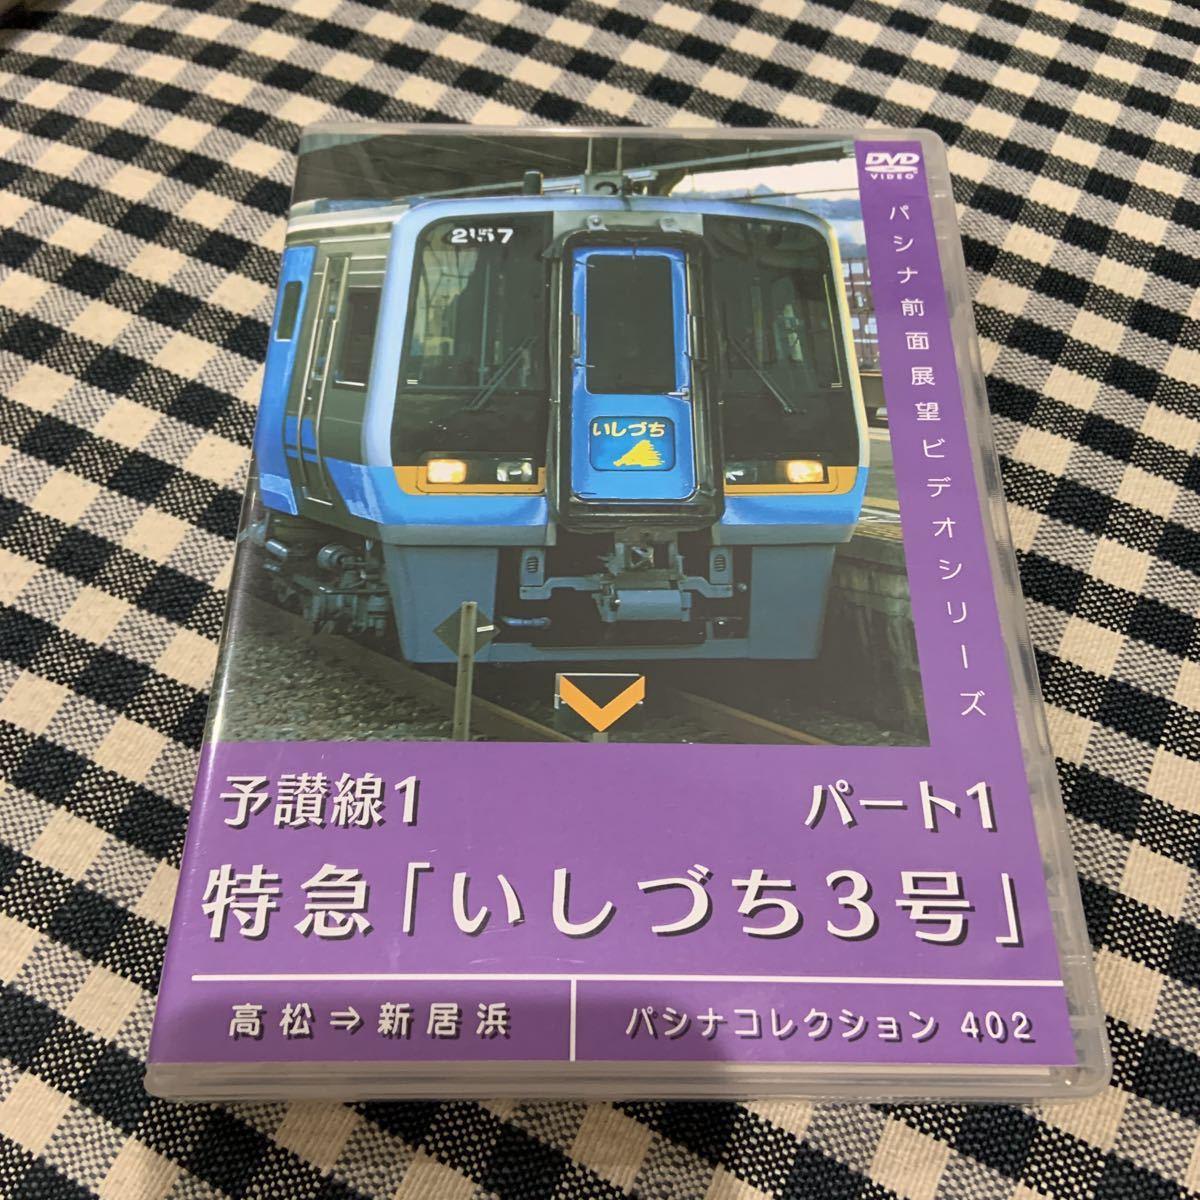 パシナコレクション 特急「いしづち3号」パート1 DVD